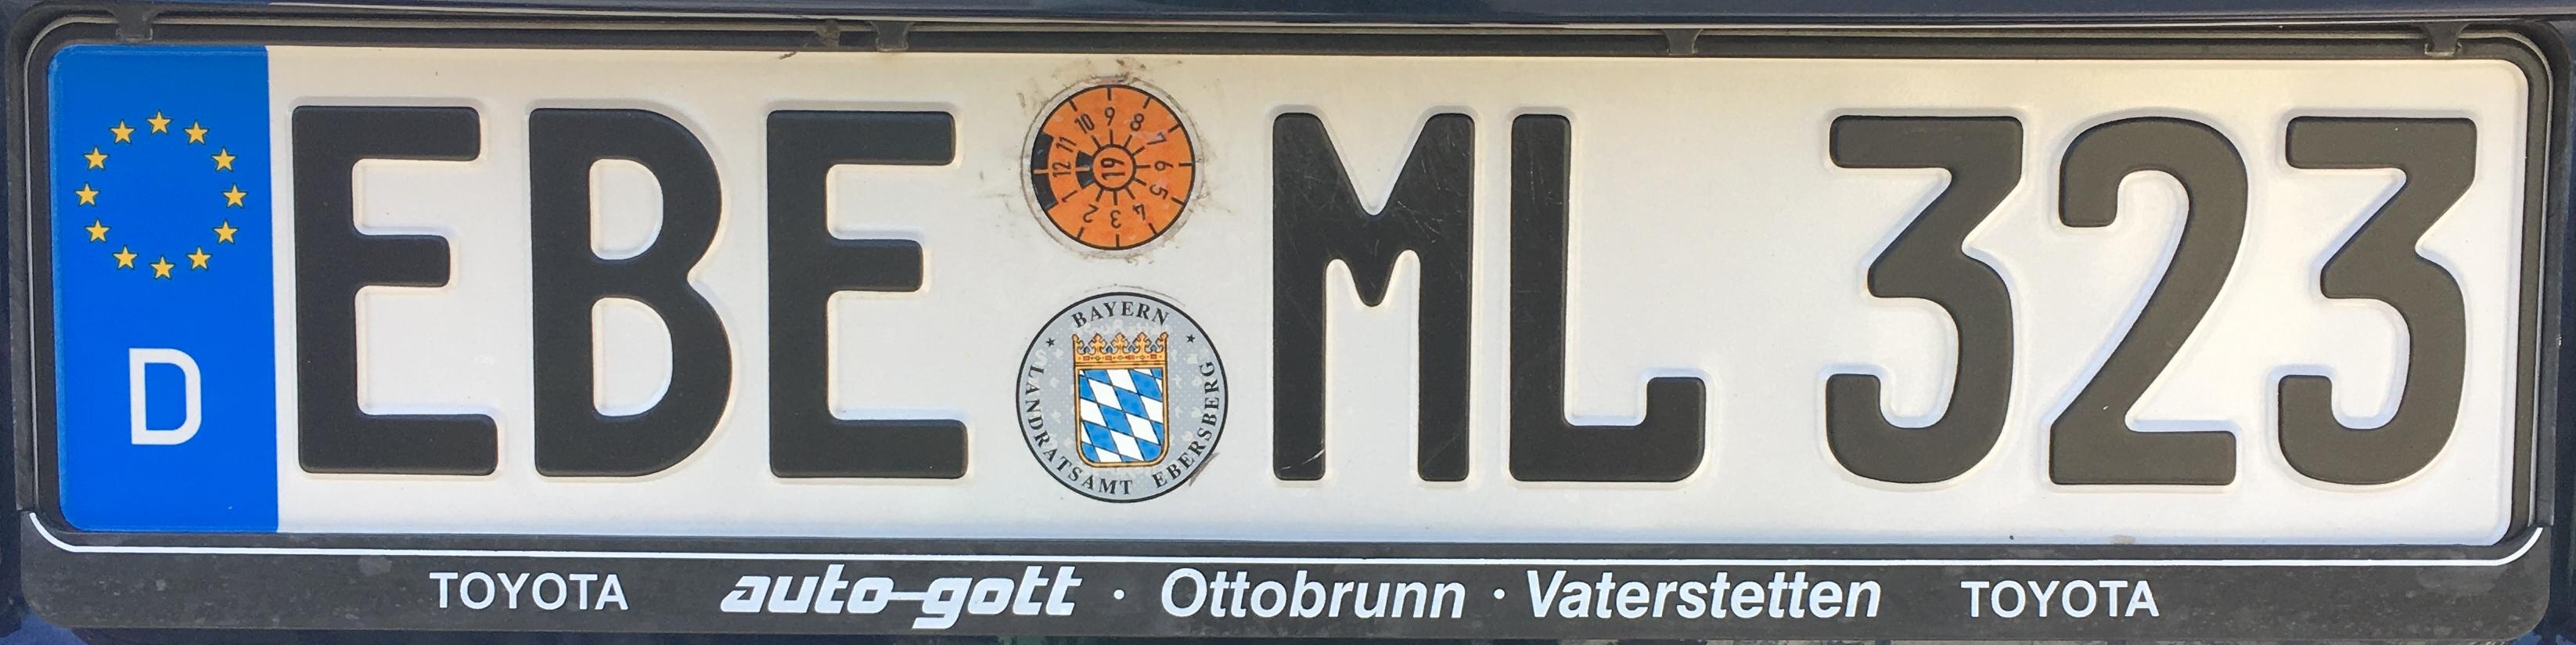 Registrační značky Německo - EBE - Ebersberg, foto: www.podalnici.cz